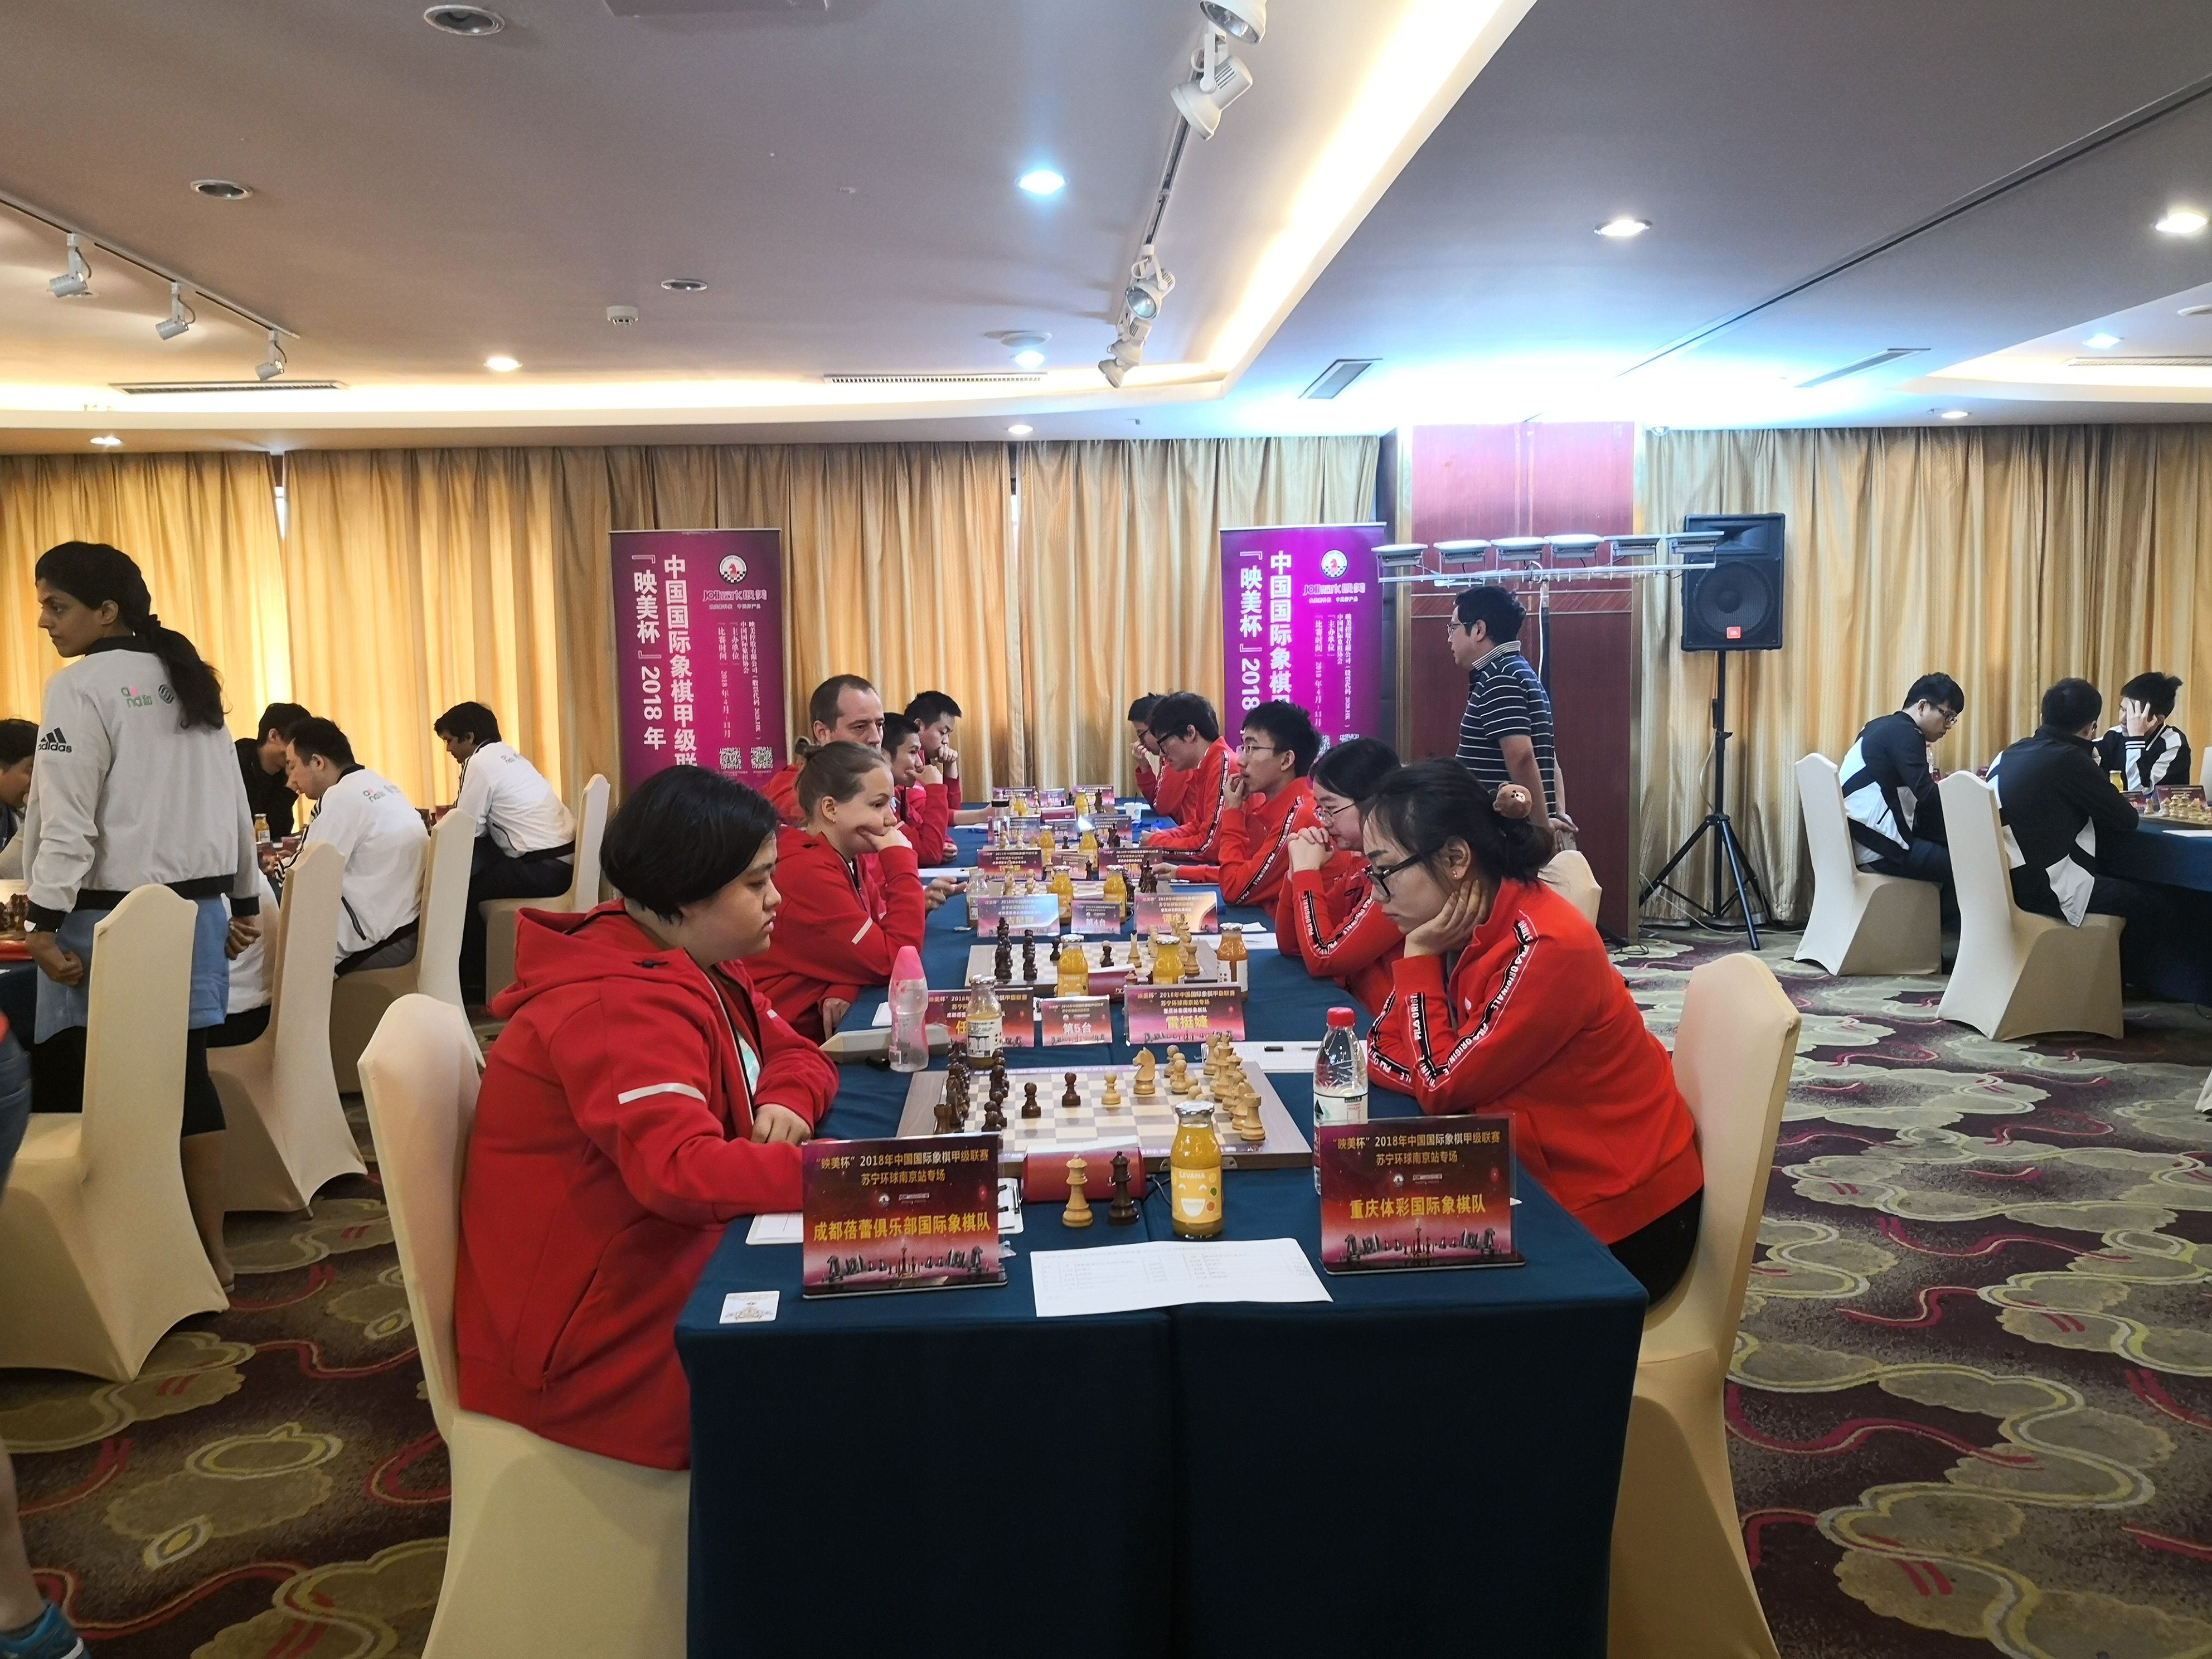 国象联赛南京站收官 上海队领跑丁立人等级分创历史